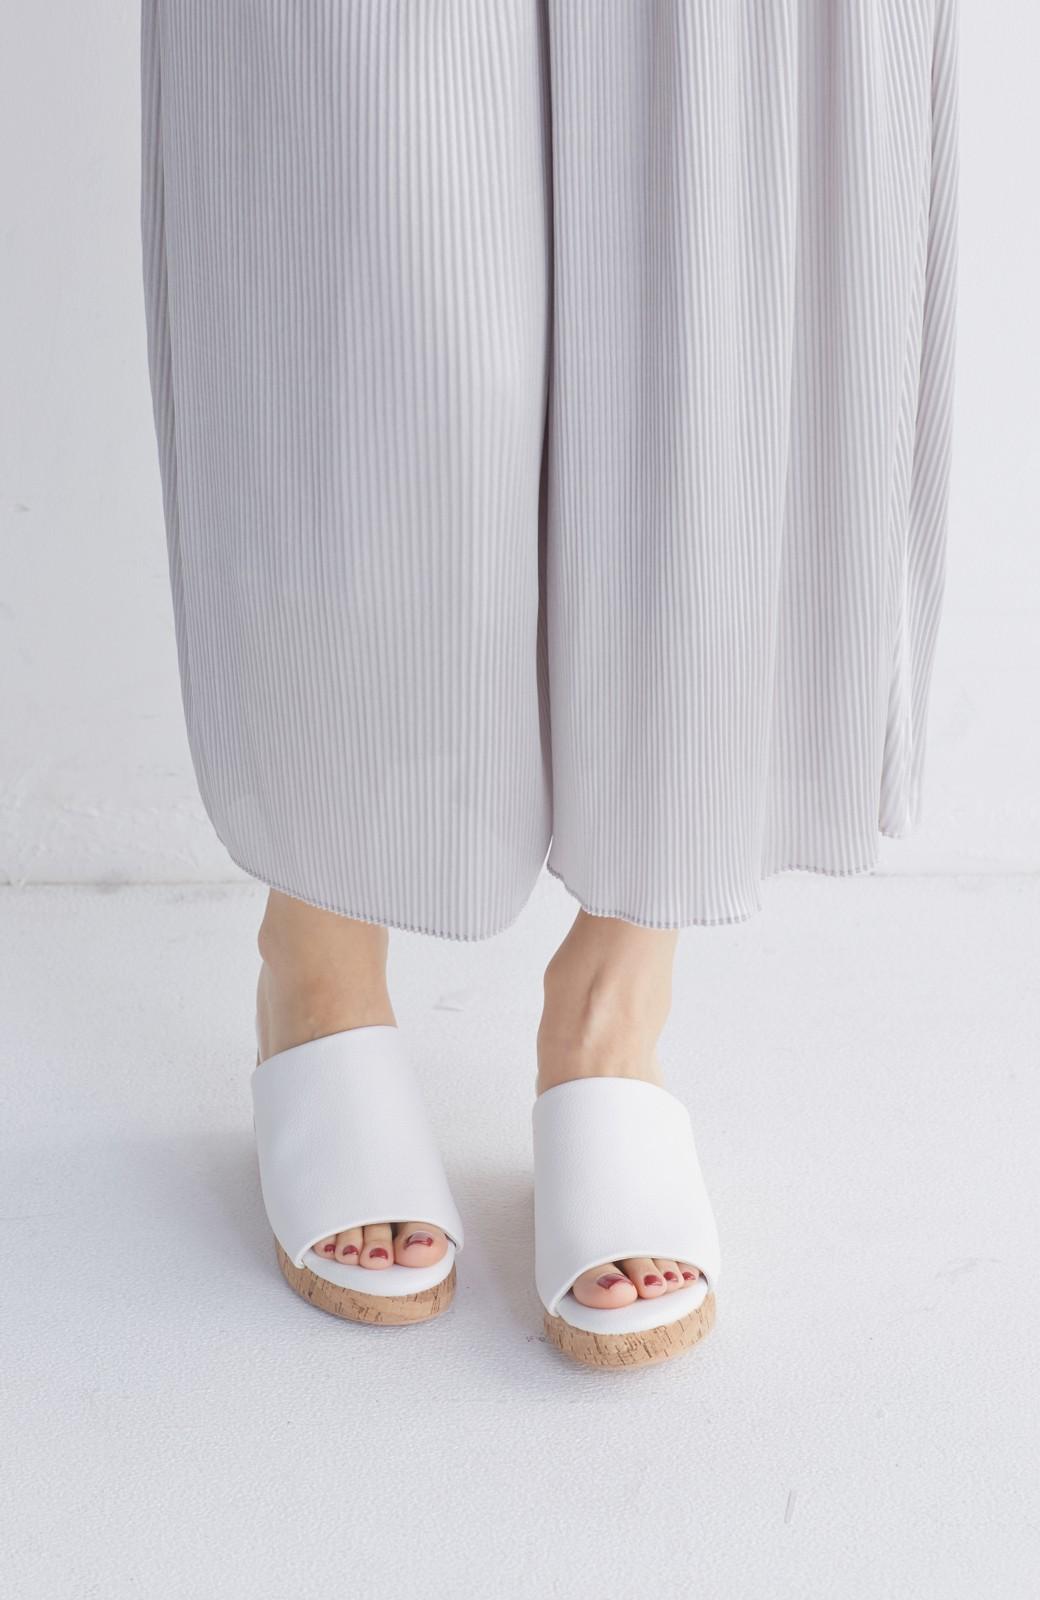 nusy 低&高反発で歩きやすい サボみたいにすぽっとはけるオープントゥサンダル <ホワイト>の商品写真2